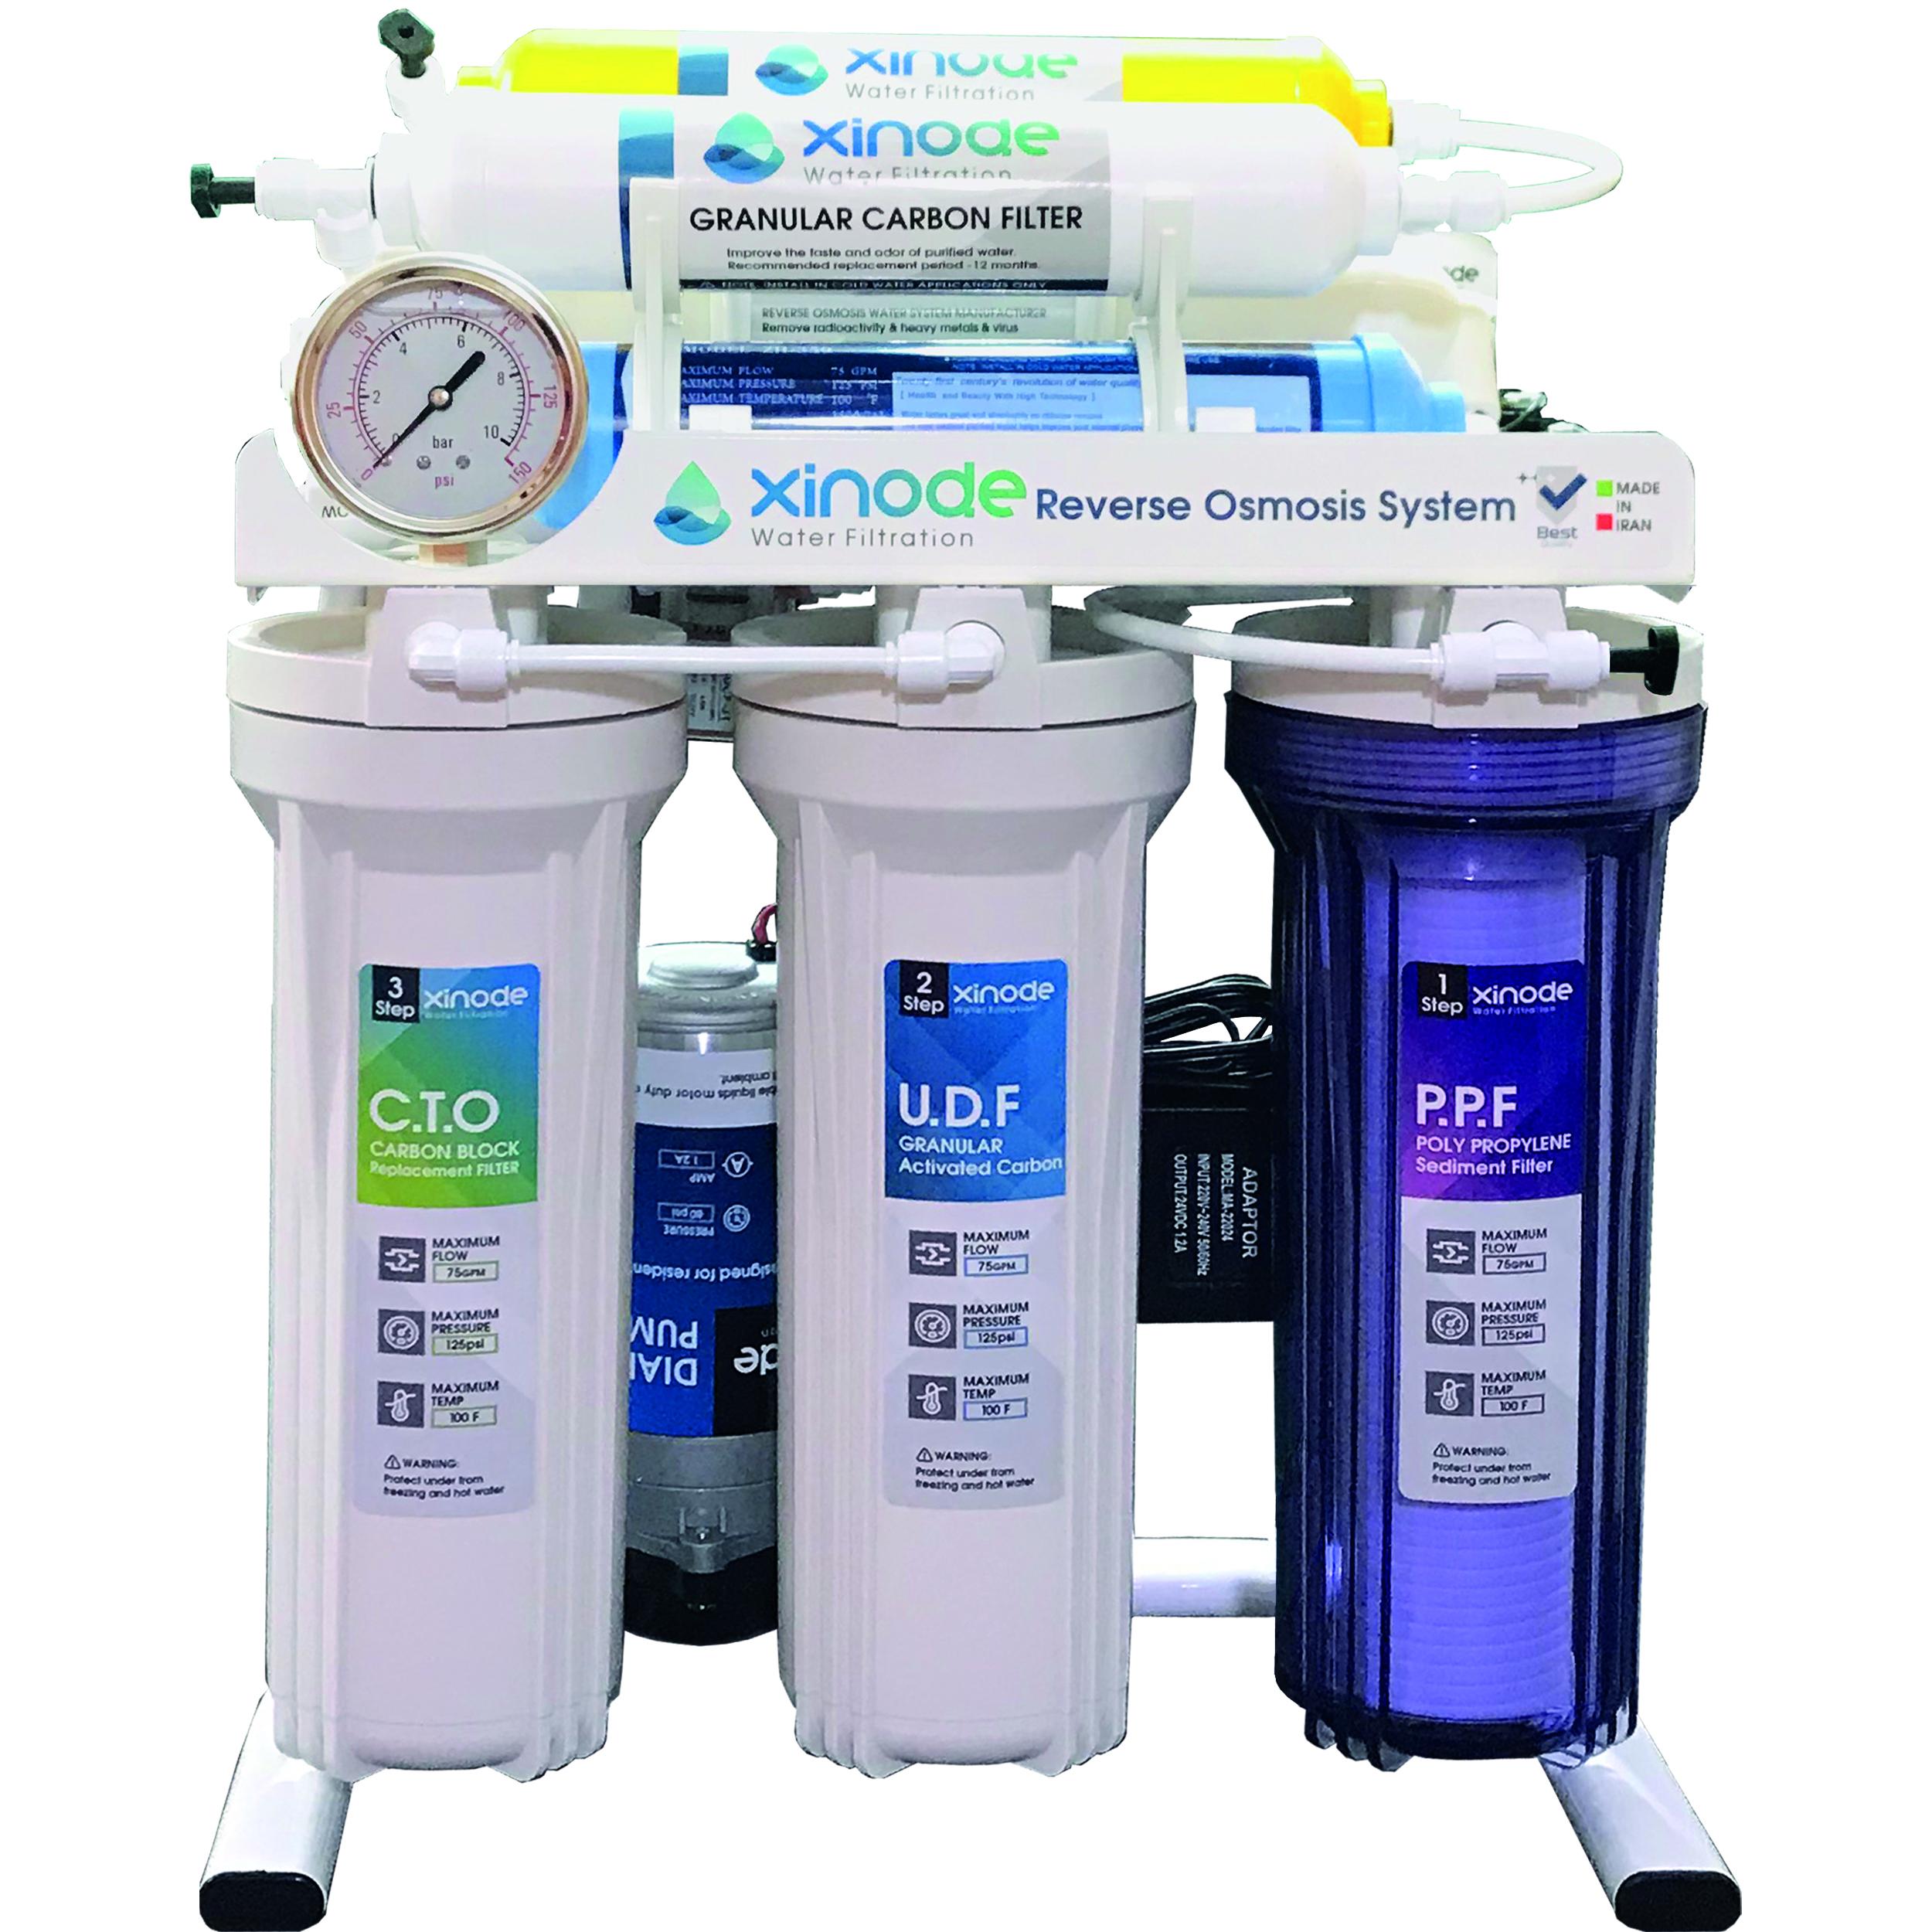 دستگاه تصفیه کننده آب زینود مدل AXS-405HB